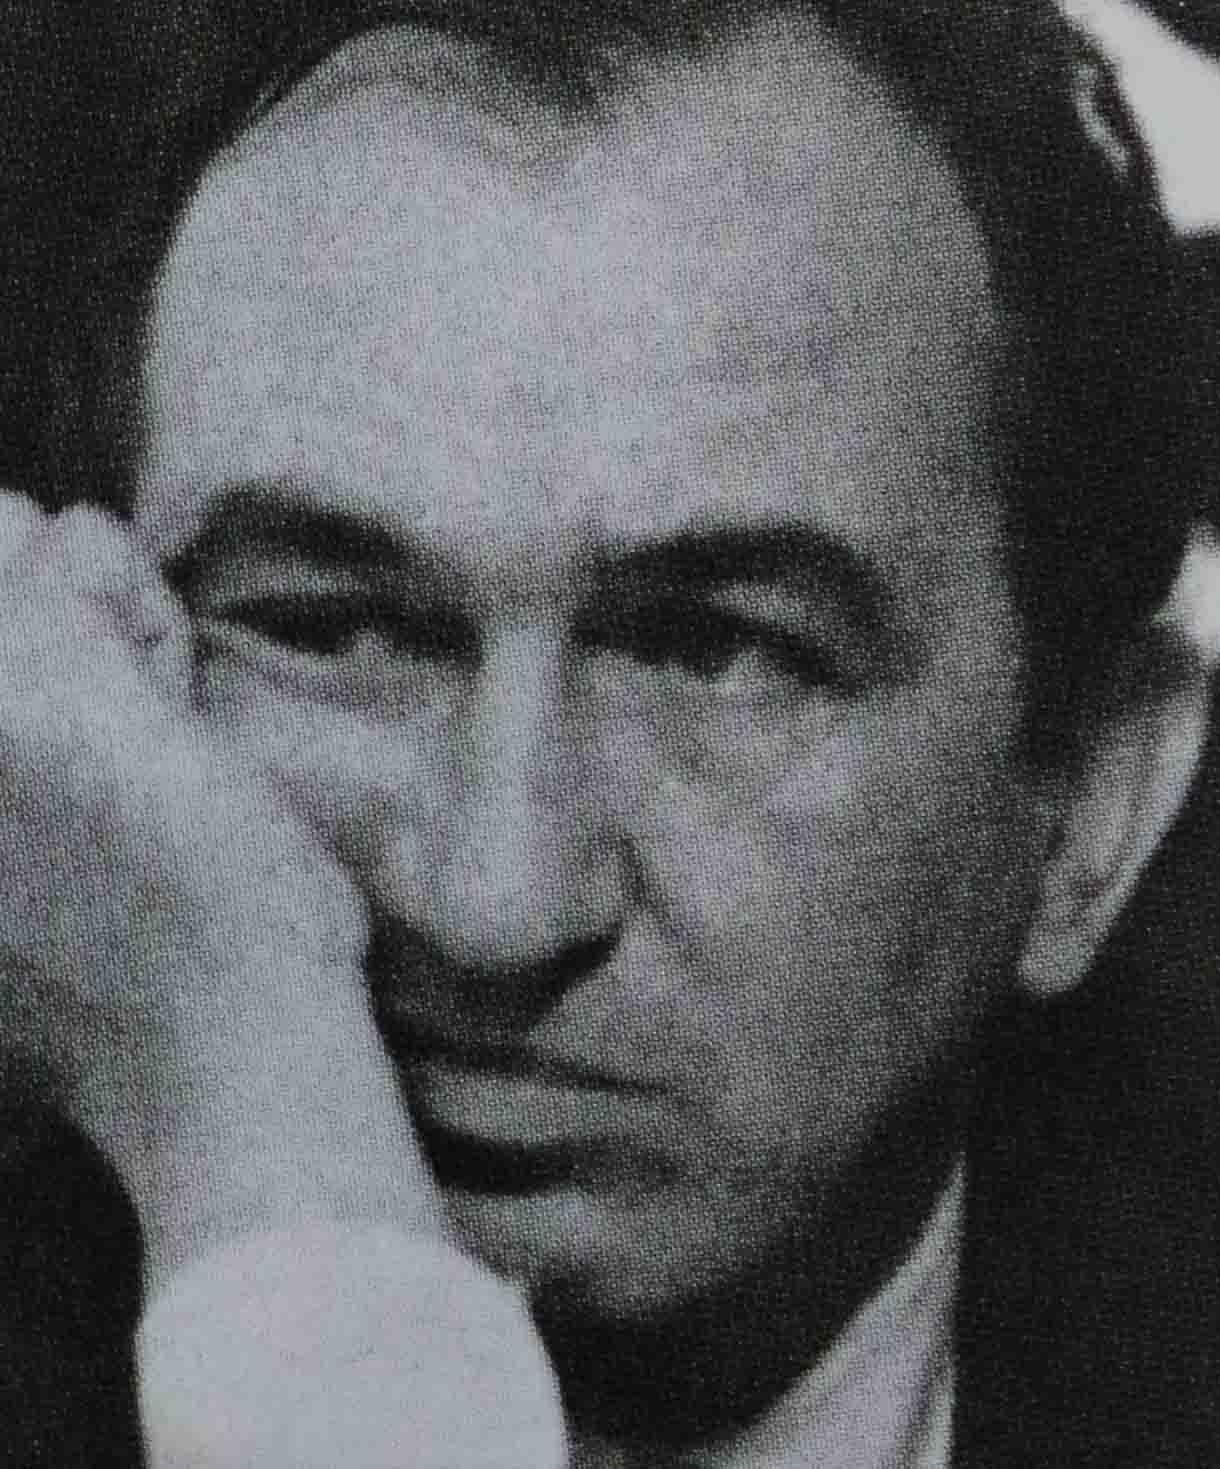 マルコ・ザヌーソ